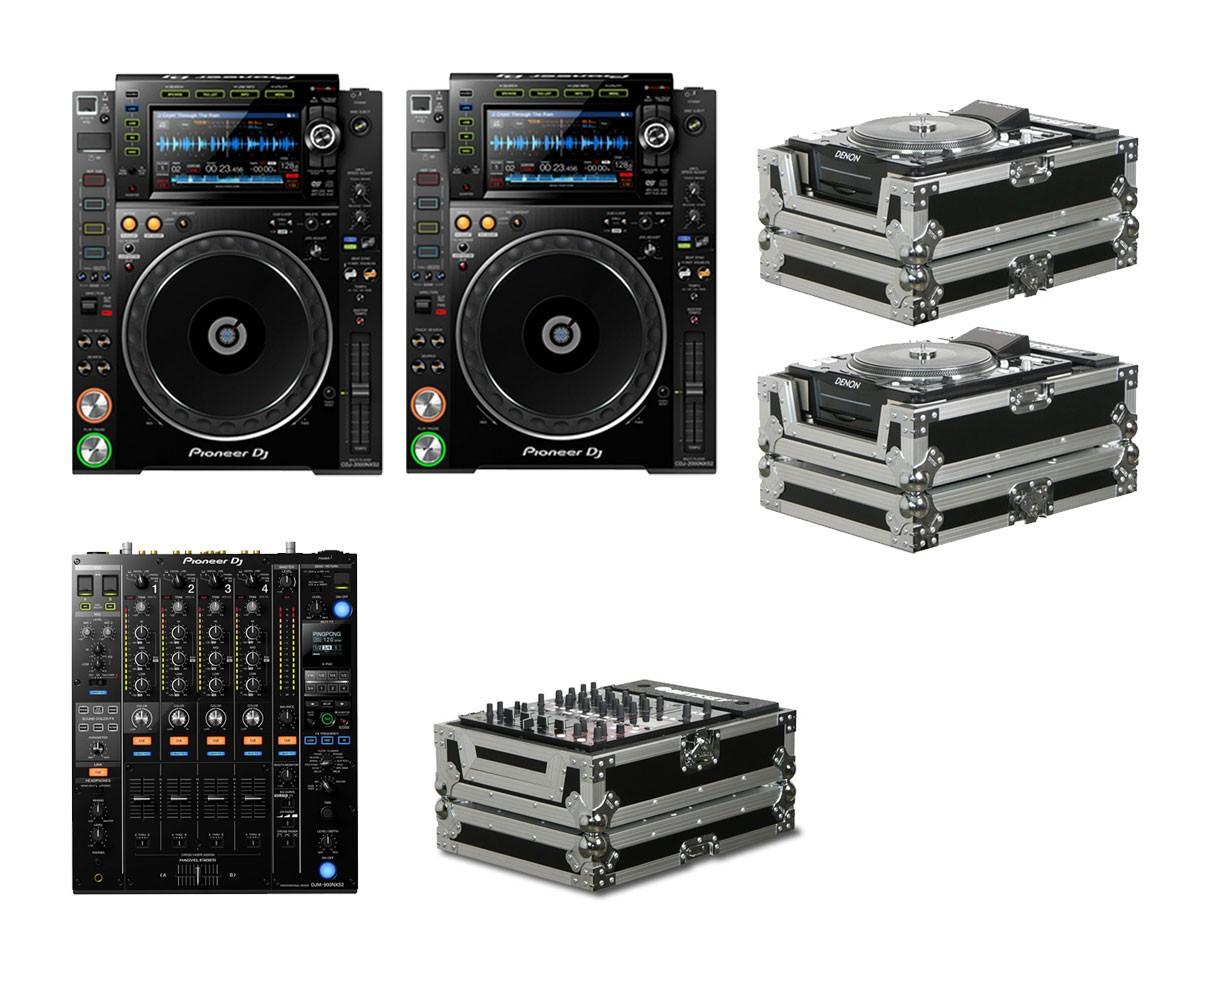 2x Pioneer CDJ-2000NXS2 + DJM-900NXS2 + Cases